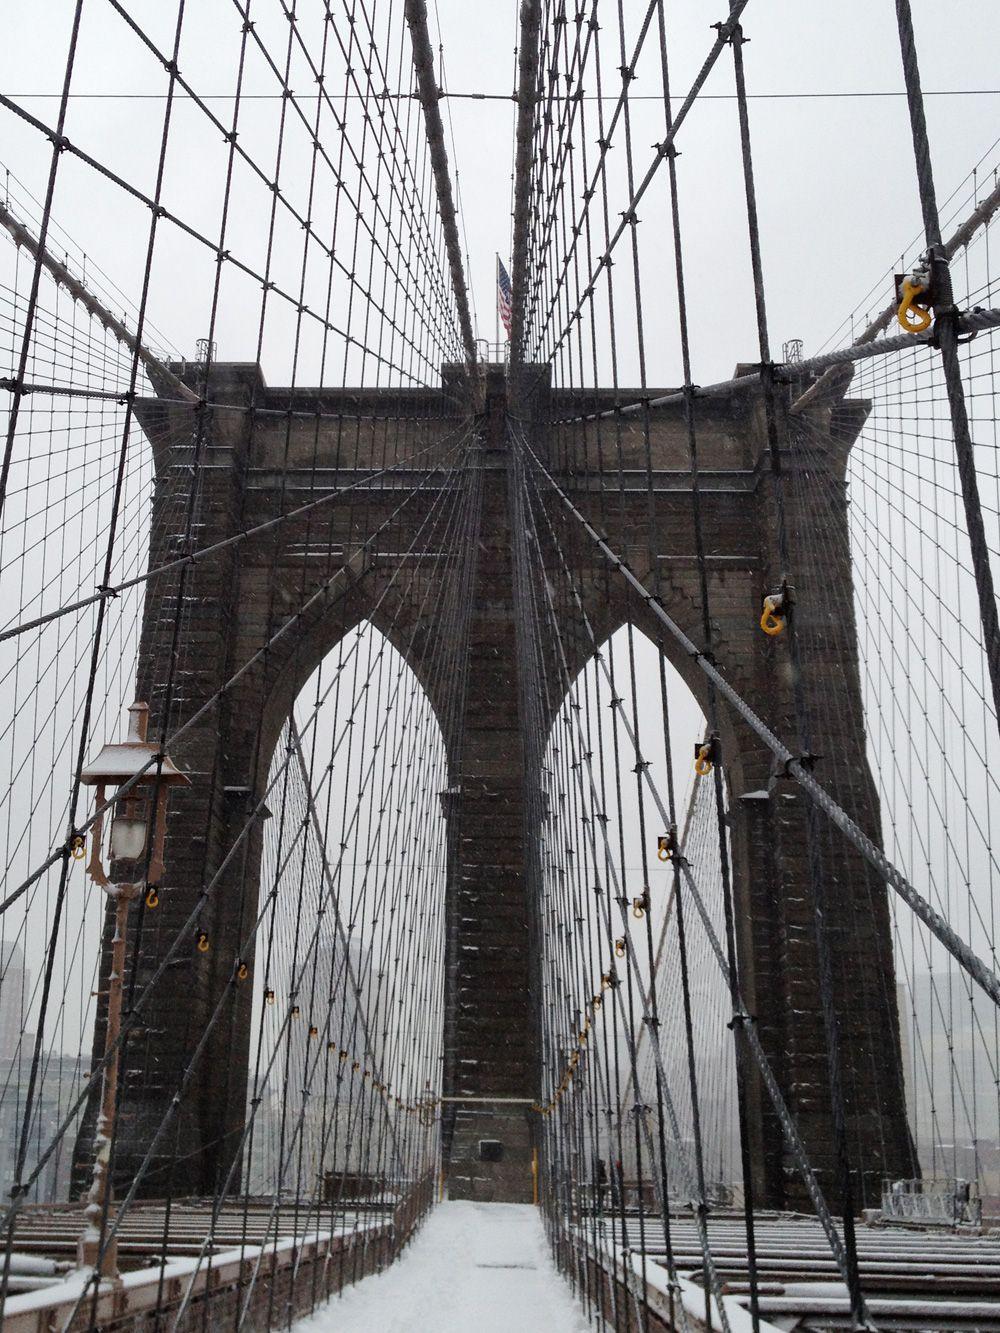 ncy - schneeballschlacht auf der brooklyn bridge. // nikesherztanzt